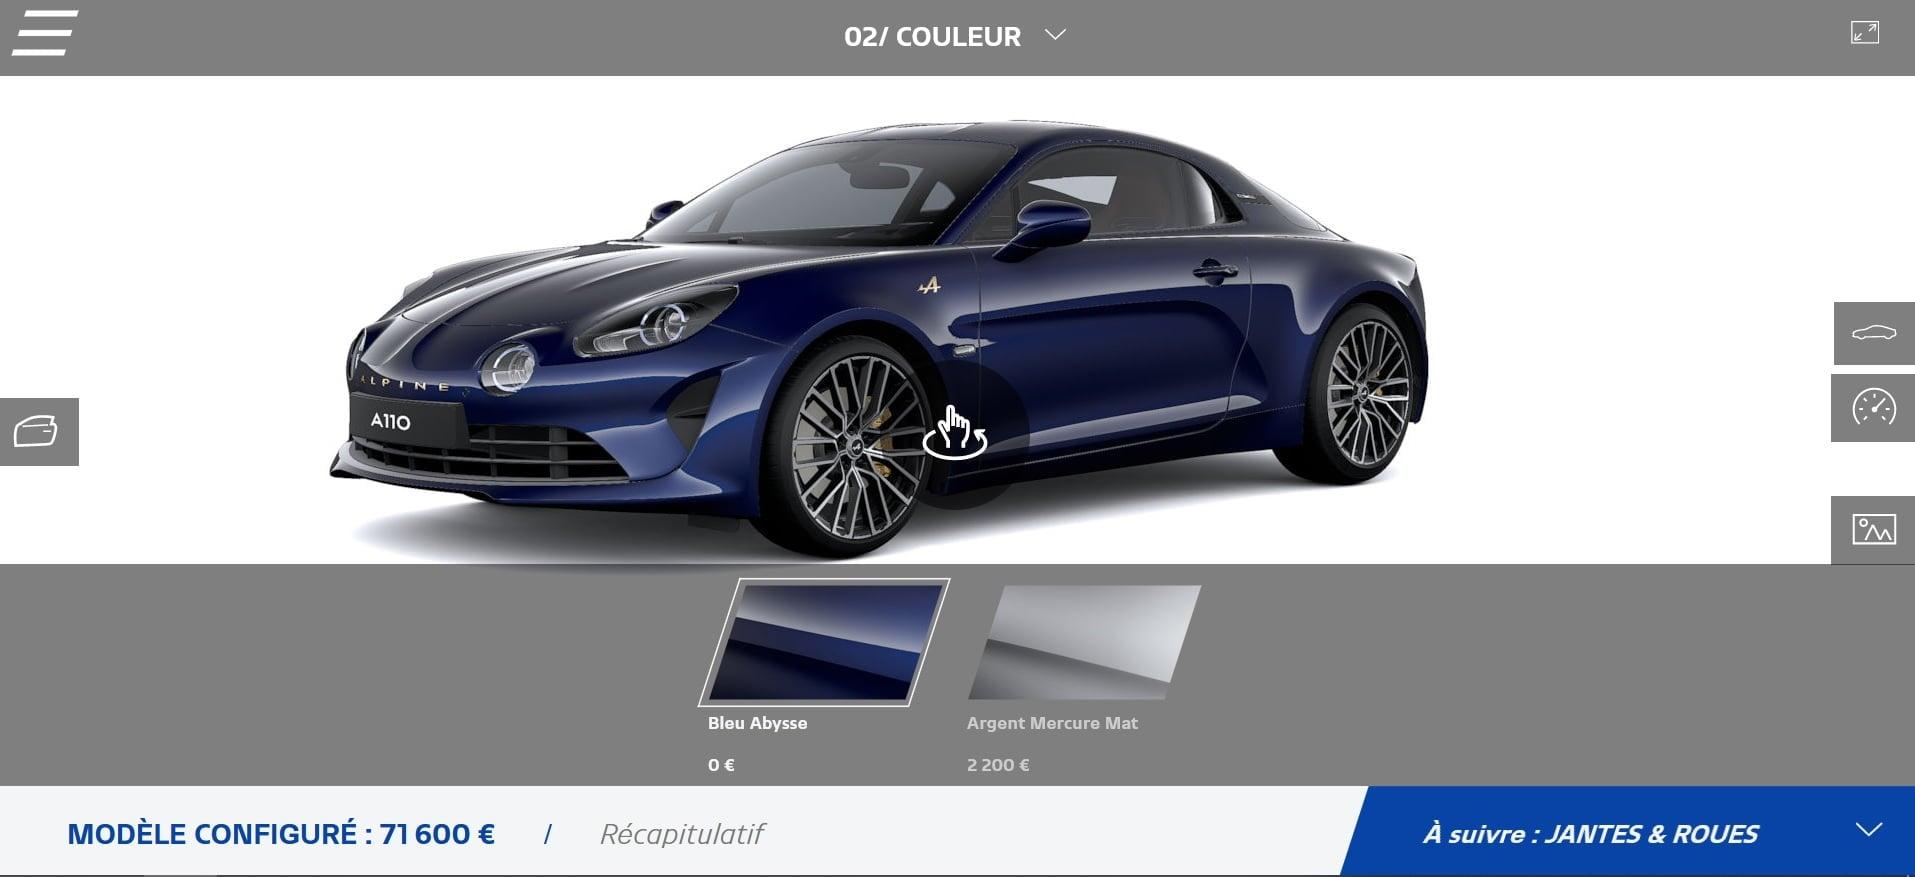 Alpine A110 Légende GT 2021 bleu Abysse 292 ch configurateur